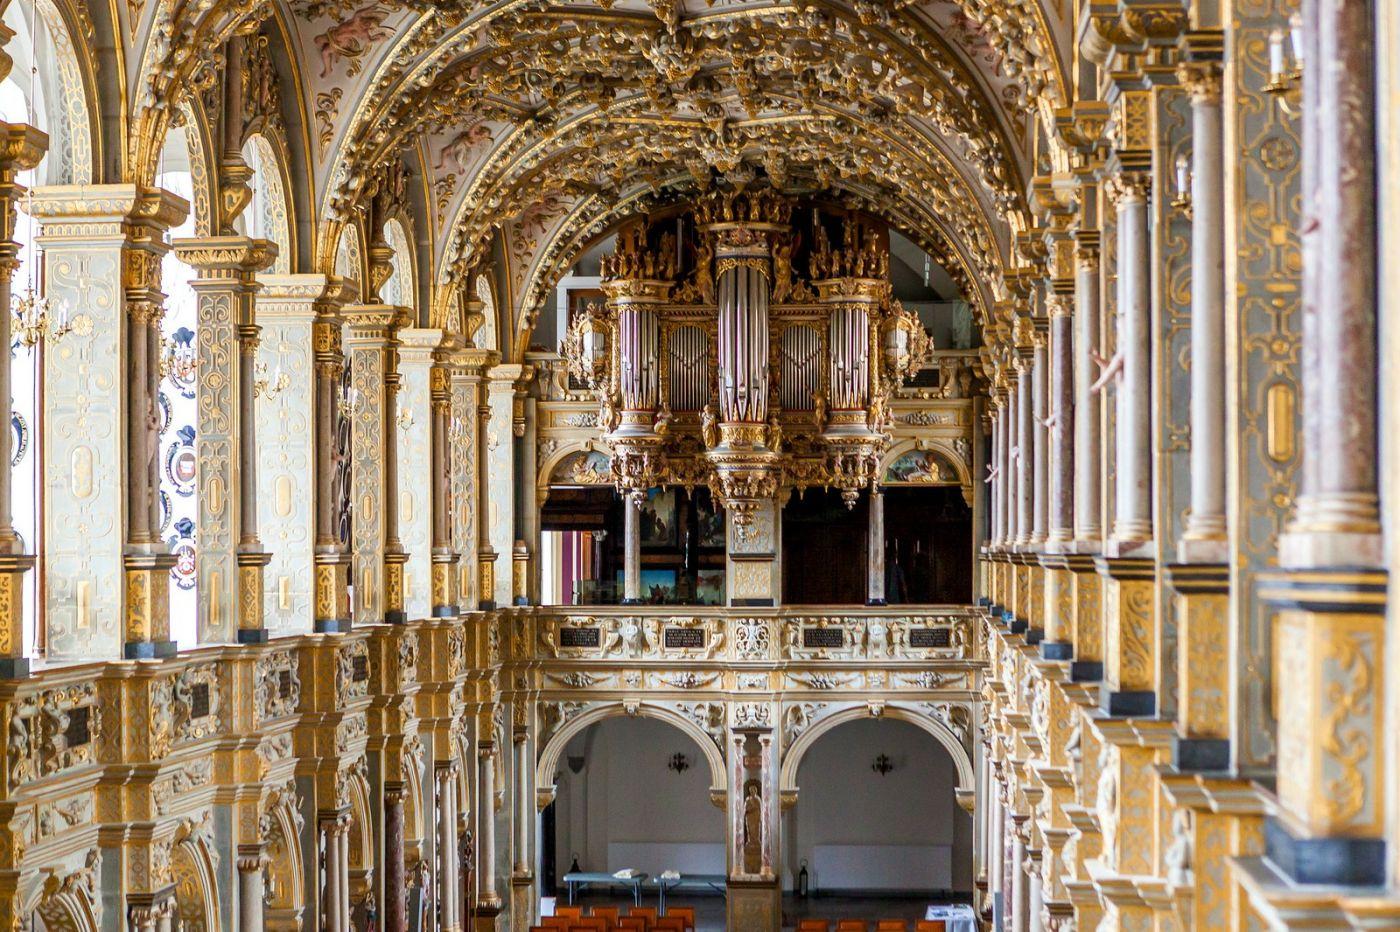 丹麦腓特烈堡城堡,很惊叹主厅吊顶_图1-5